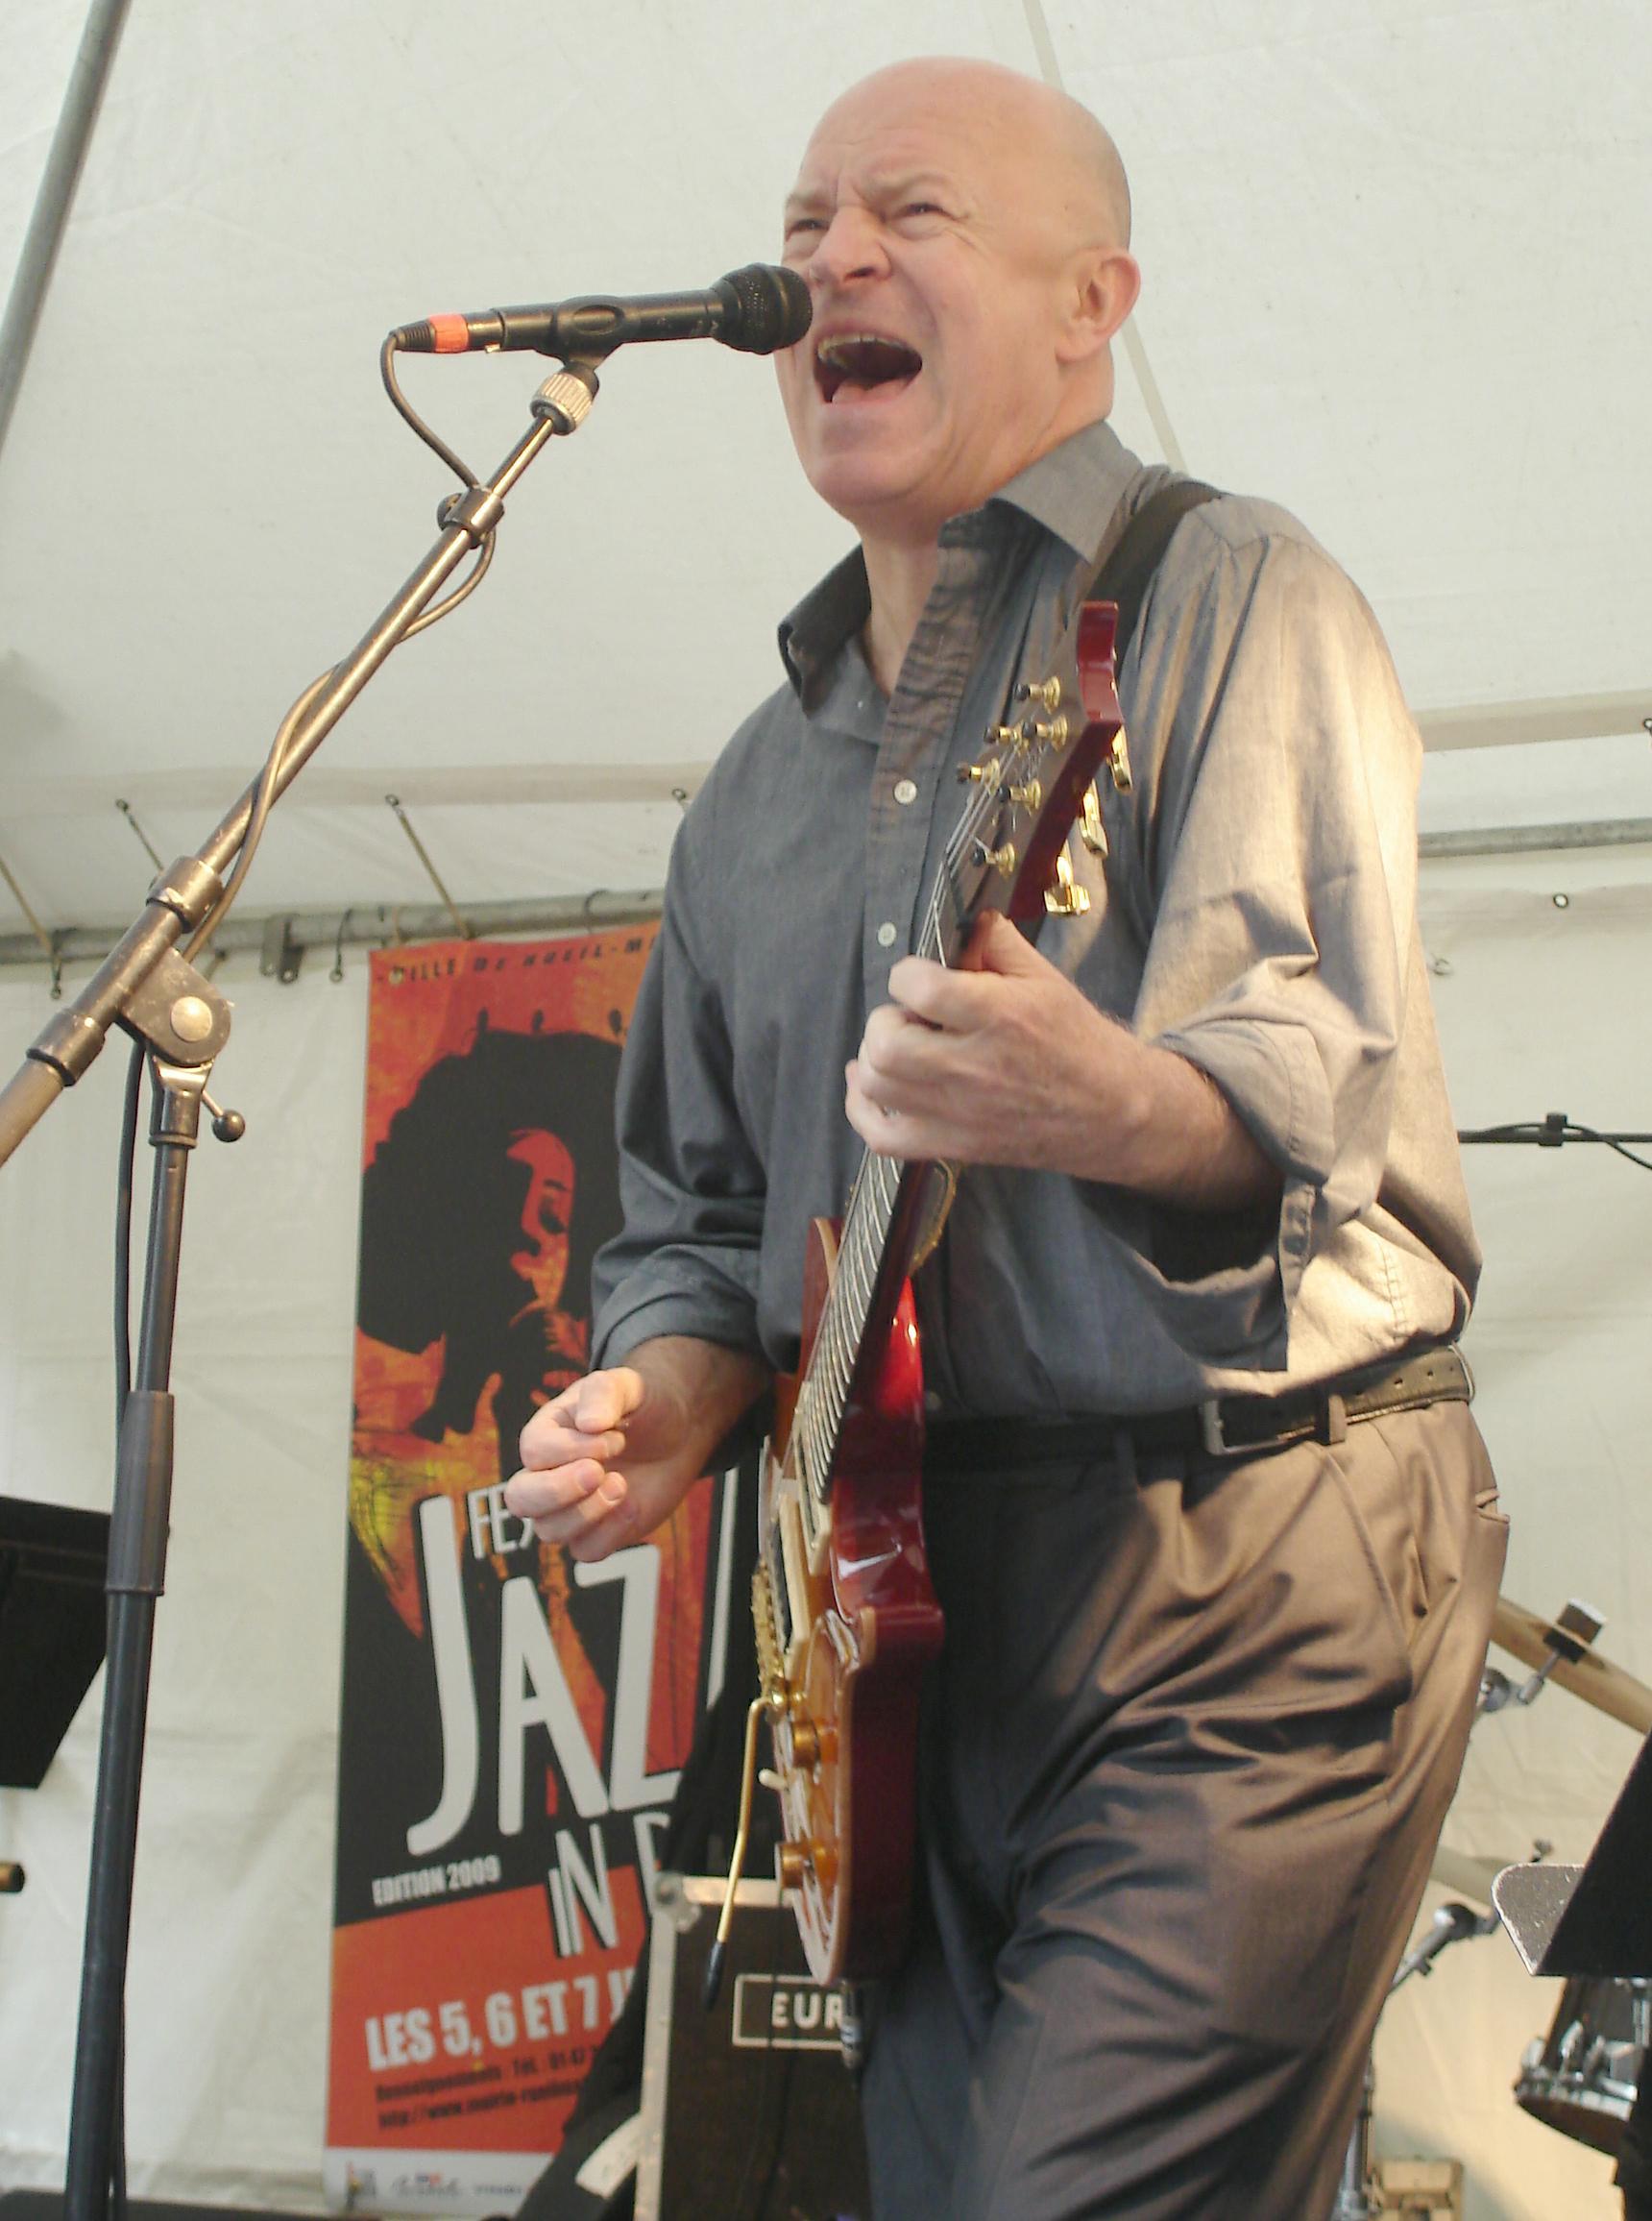 Bruce Stringkiller